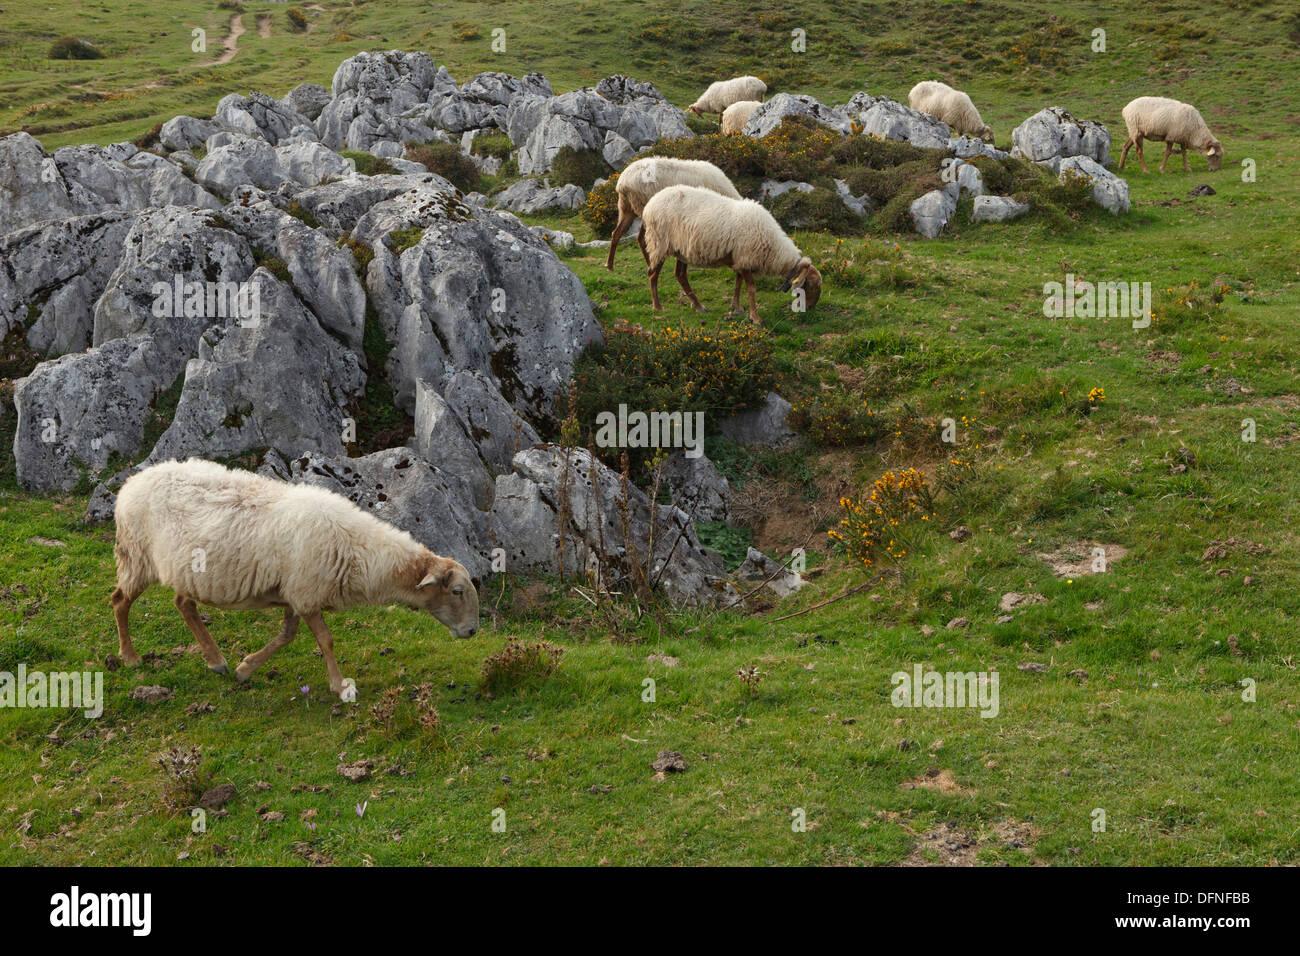 Sheep on a mountain pasture, Majadas Las Boblas, western Picos de Europa, Parque Nacional de los Picos de Europa, Picos de Europ - Stock Image